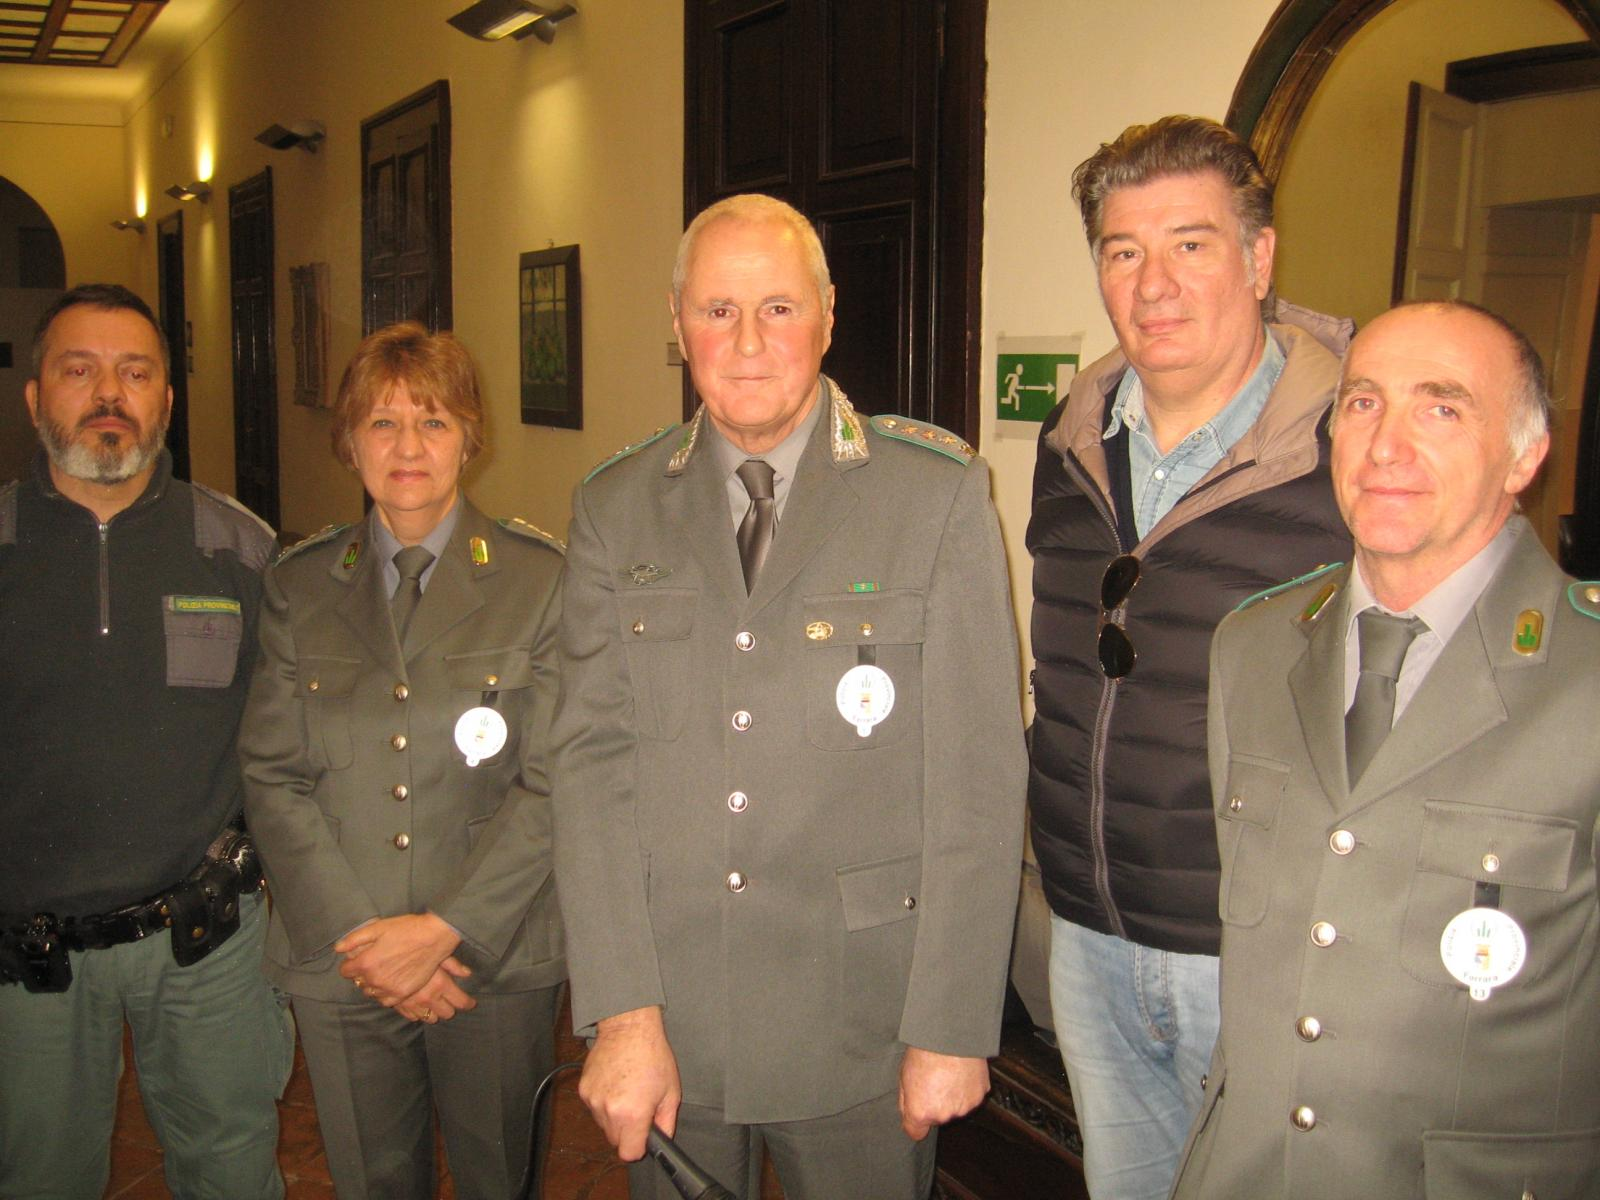 Nella foto il comandante della Polizia provinciale - al centro - con i colleghi Massimo Franceschi, Laura Trentini, Marco ravaglia e Davide Latta